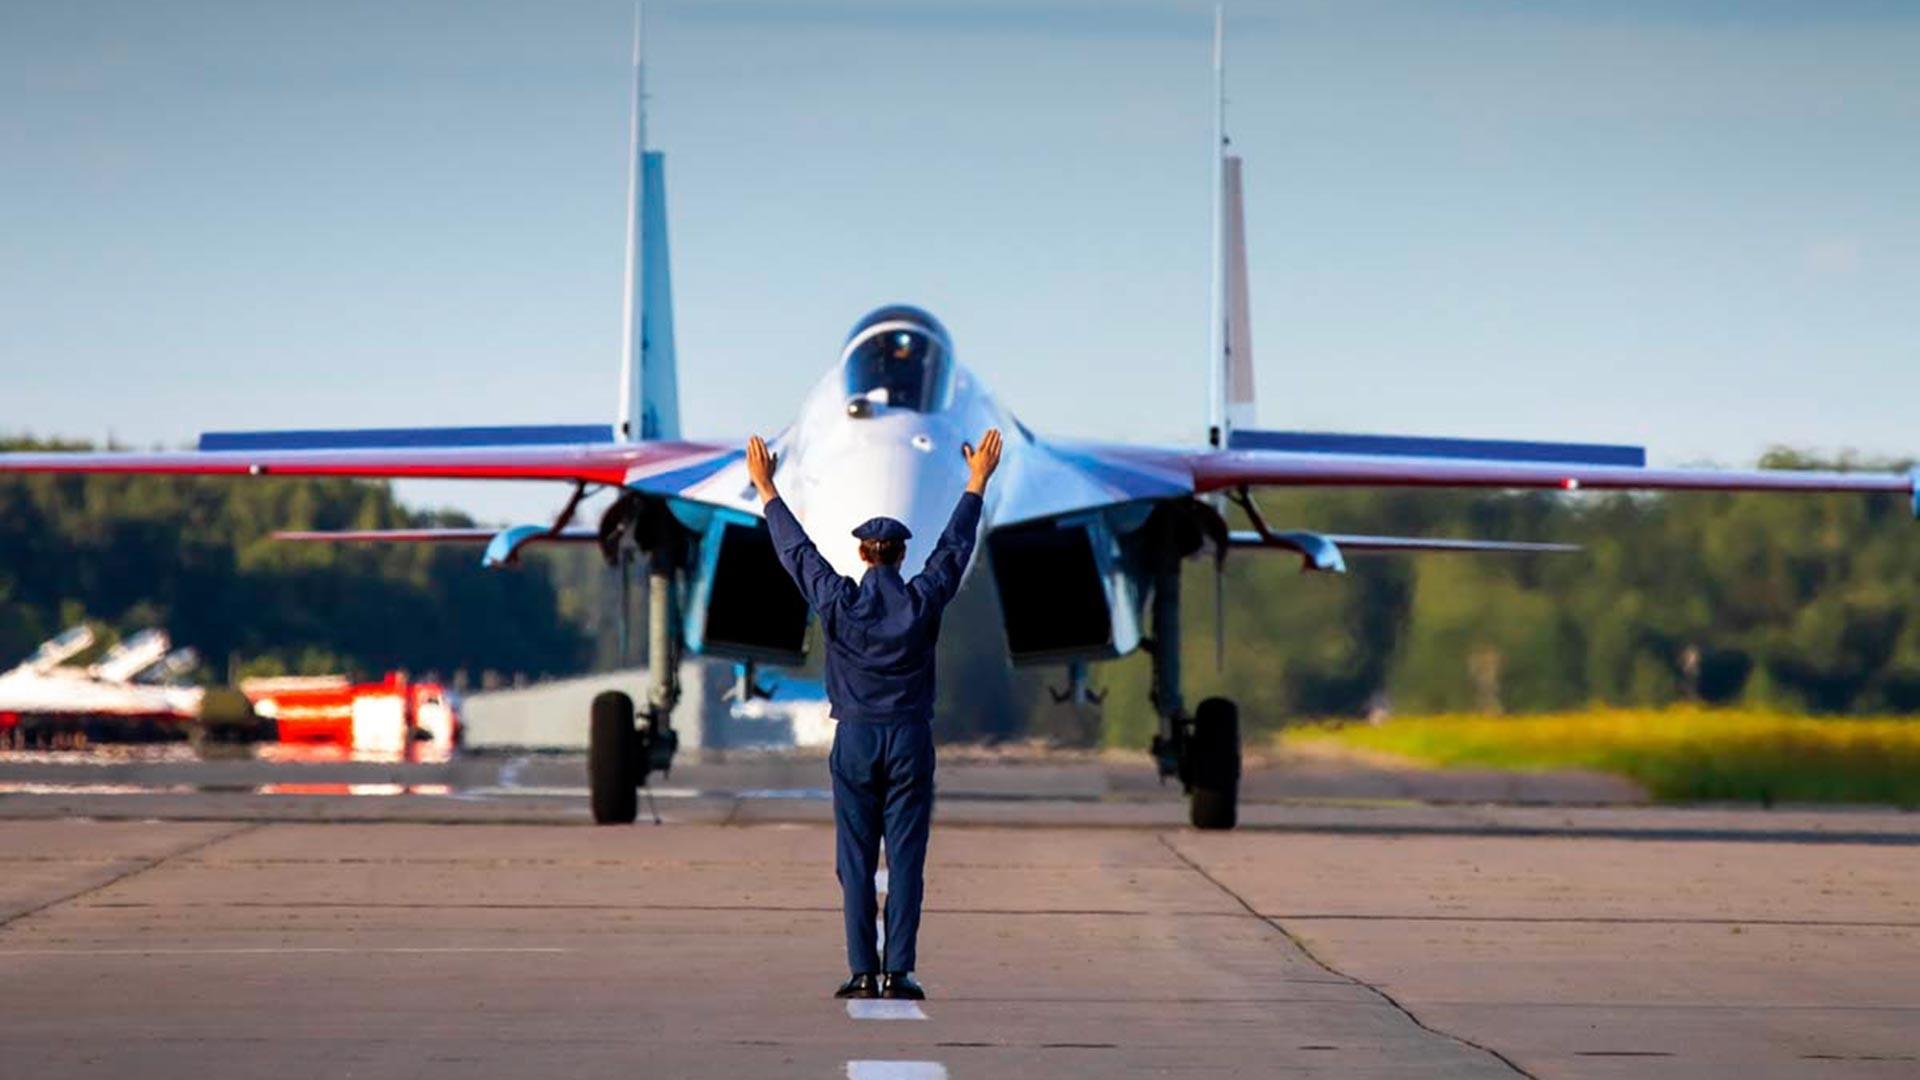 Четири најновија вишенаменска ловца Су-35 предата су ваздухопловној групи